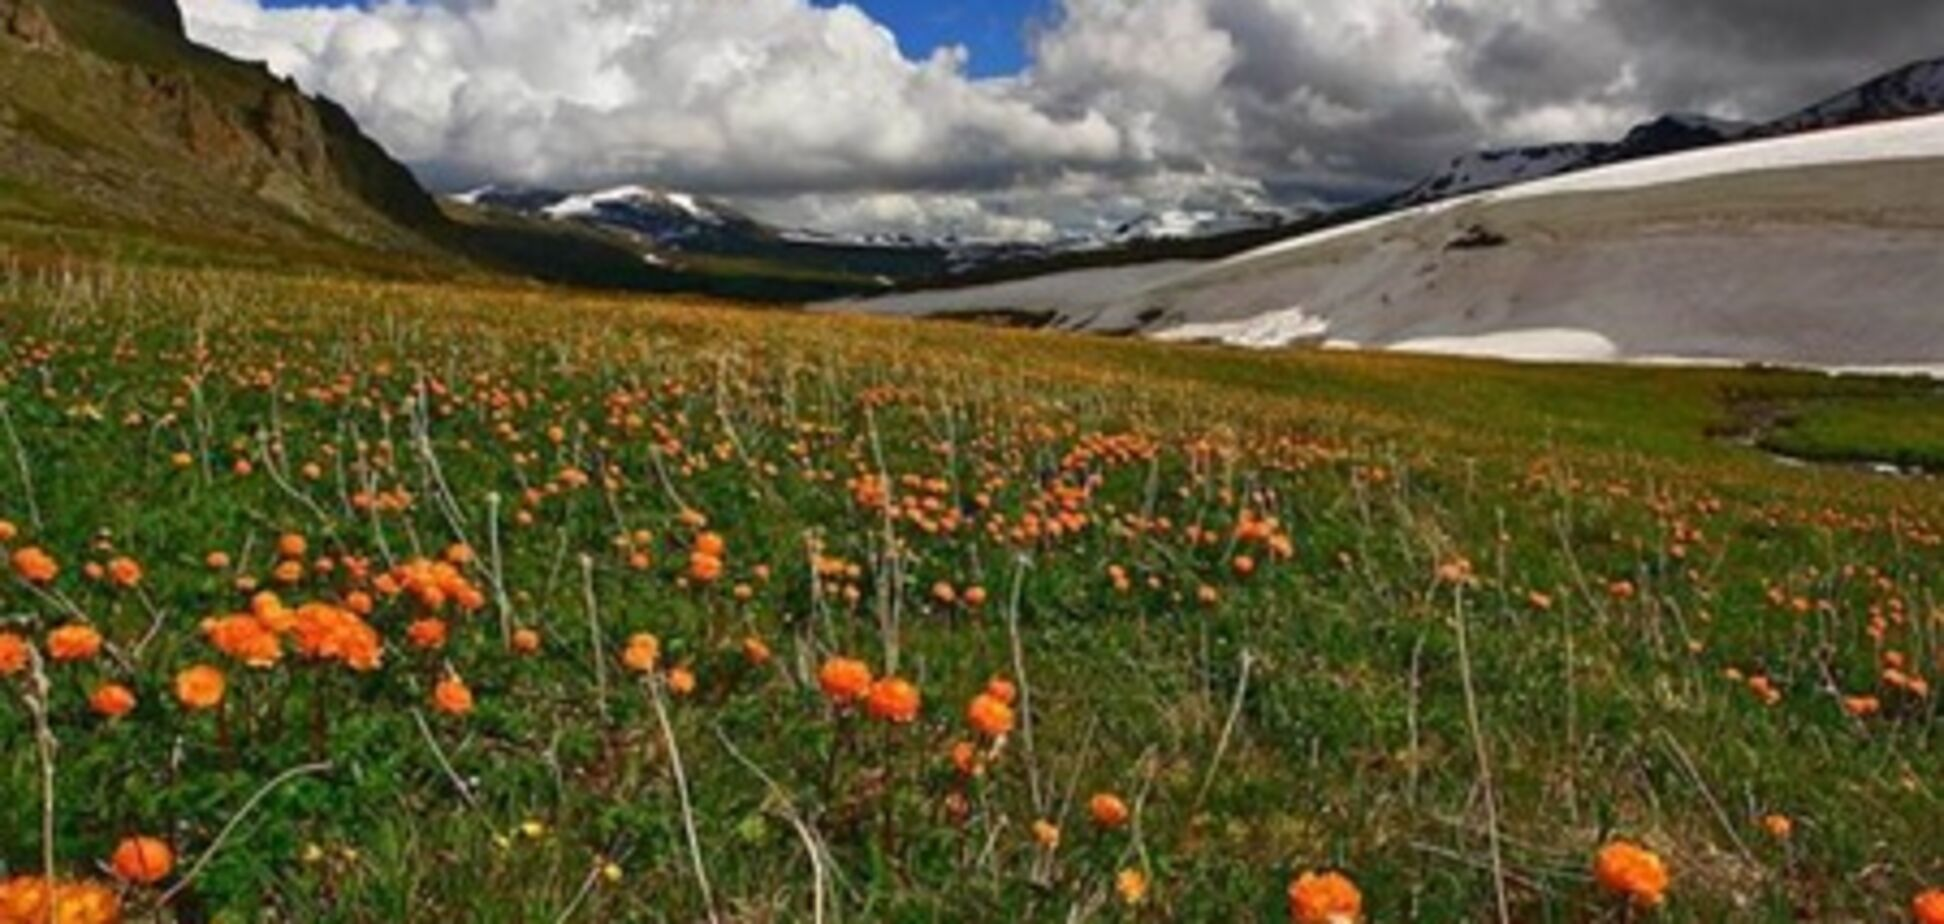 Вчені: альпійські луки перебувають під загрозою зникнення